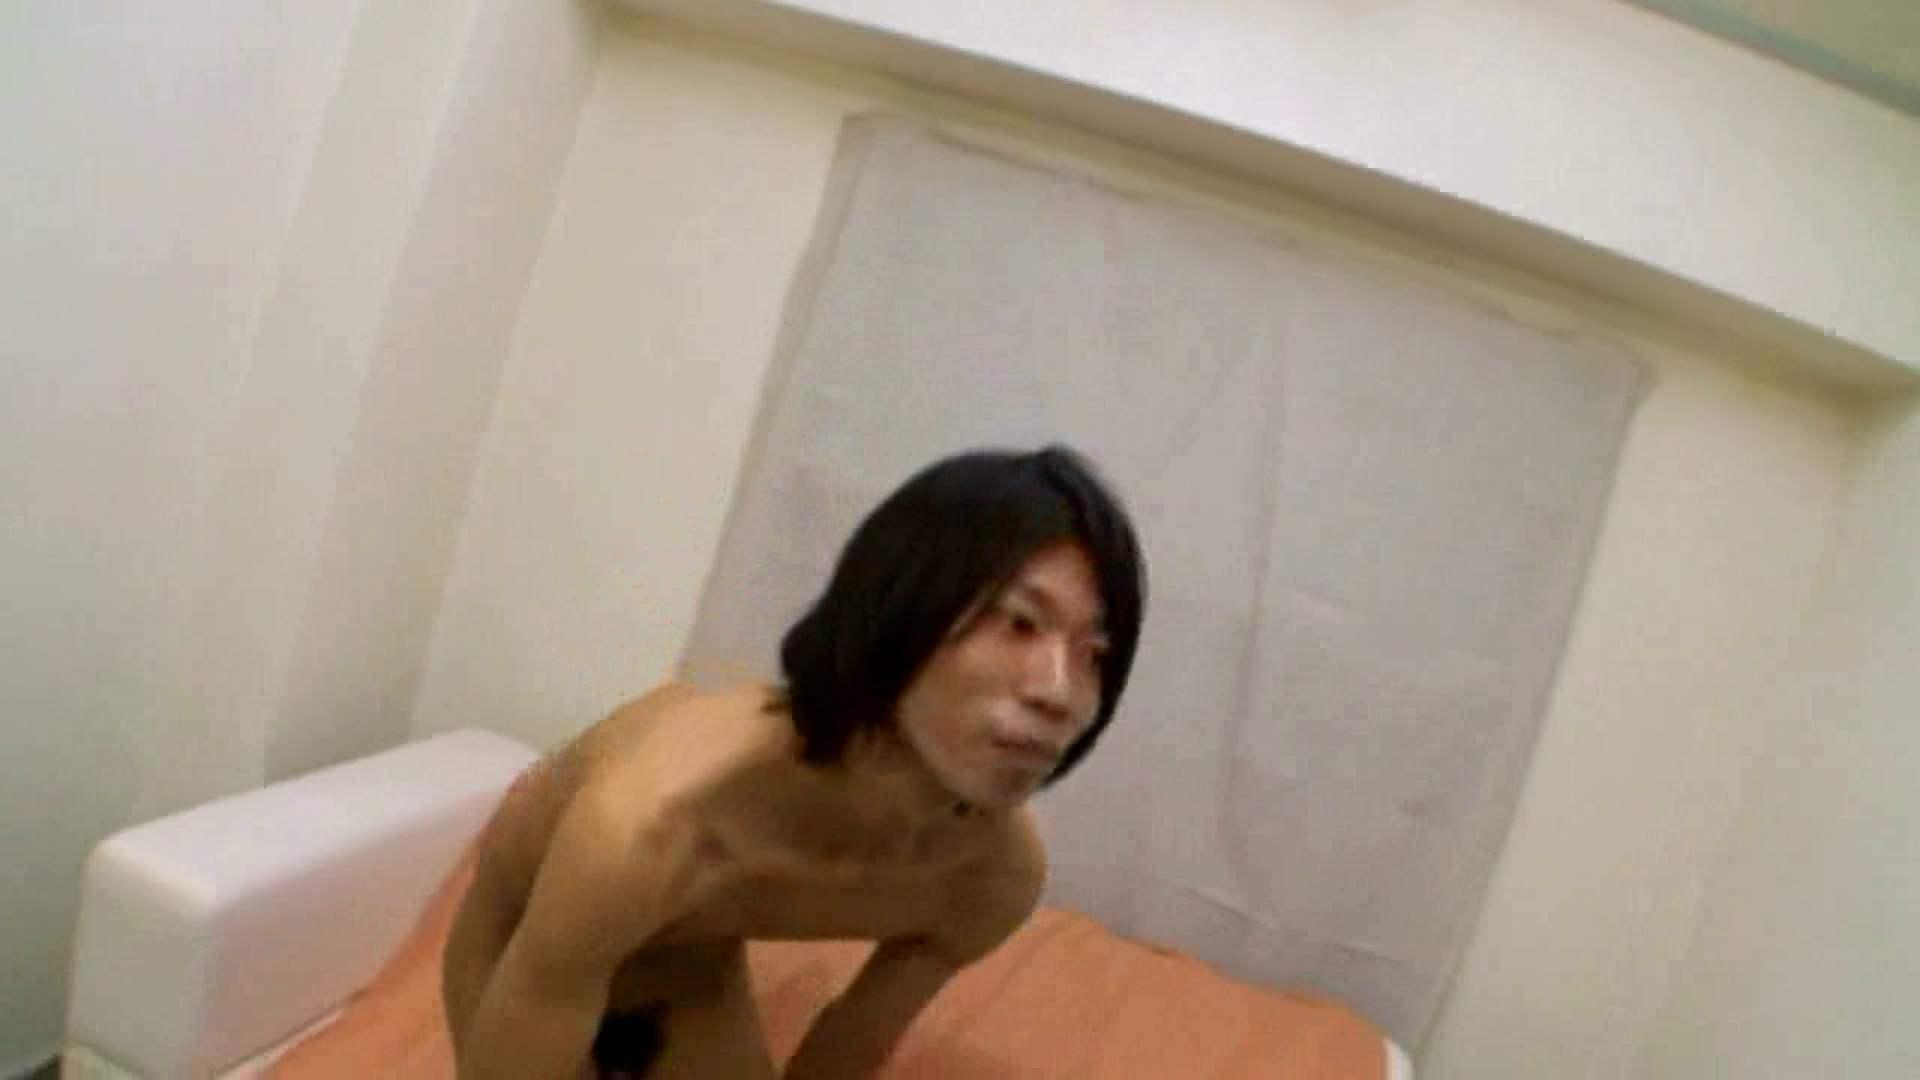 ノンケ!自慰スタジオ No.36 ノンケ一筋 ゲイ無修正画像 101pic 77